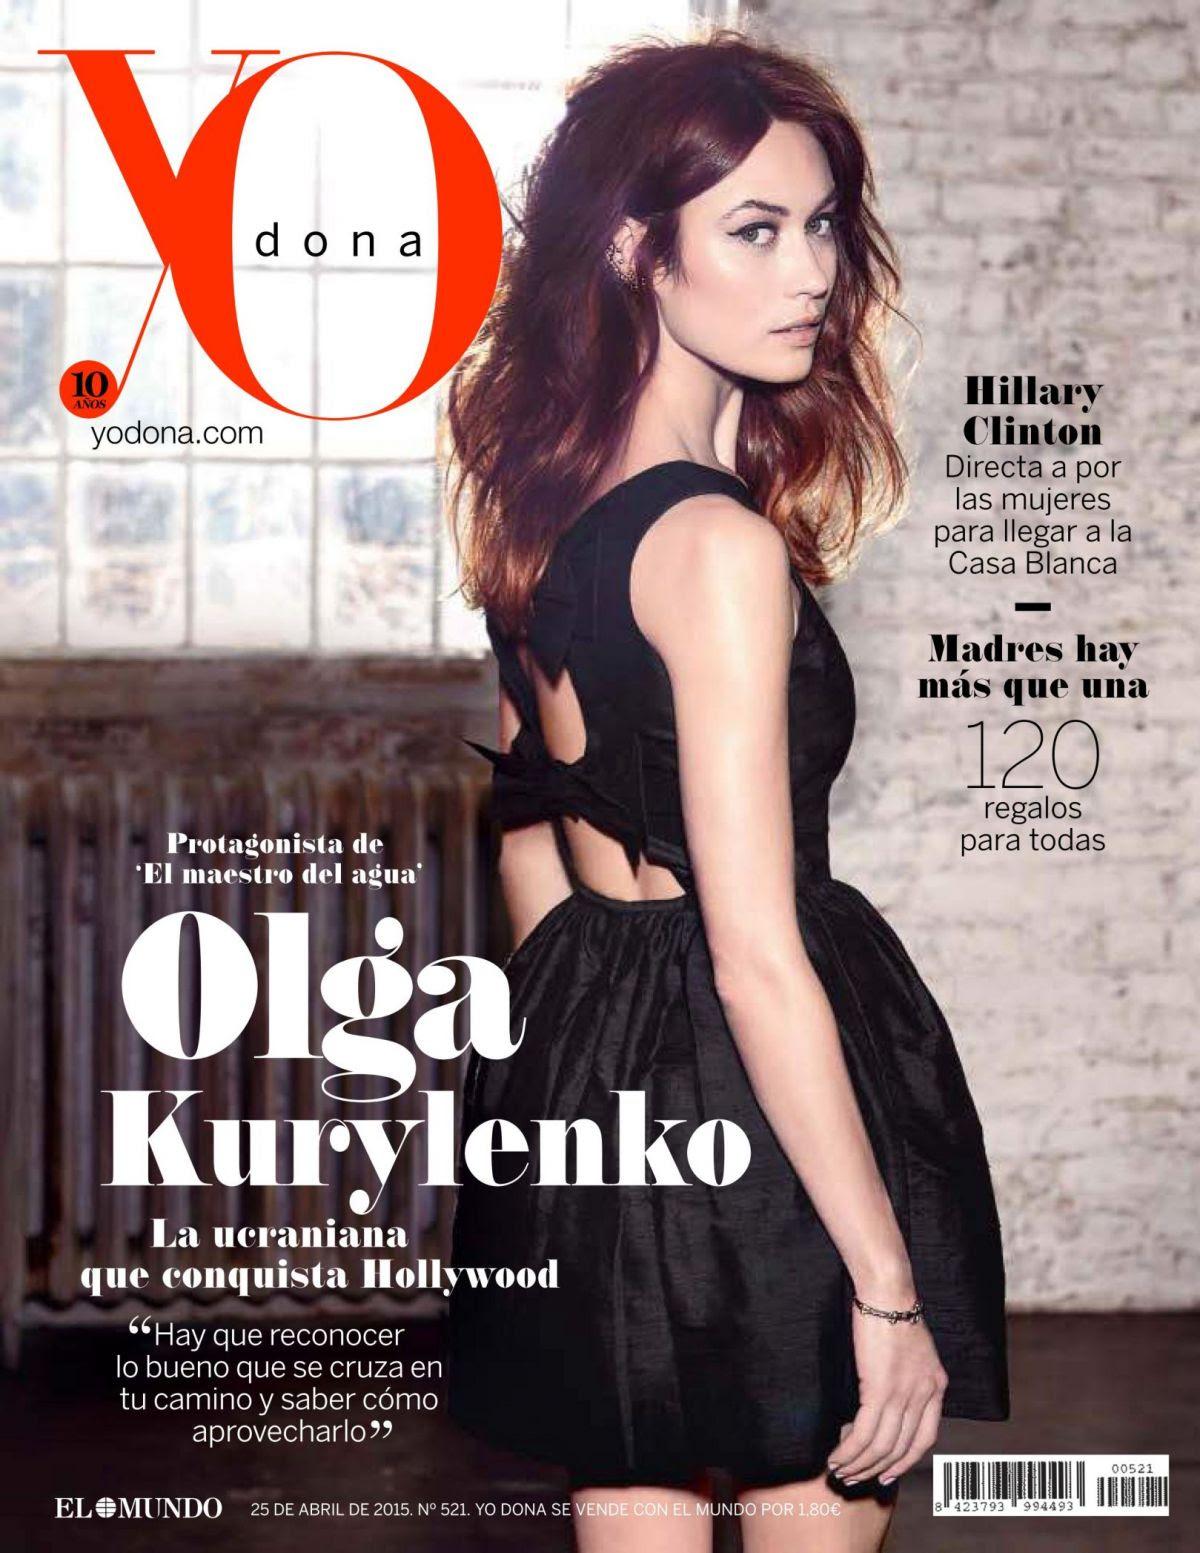 OLGA KURYLENKO in Yo Dona Magazine, April 2015 Issue